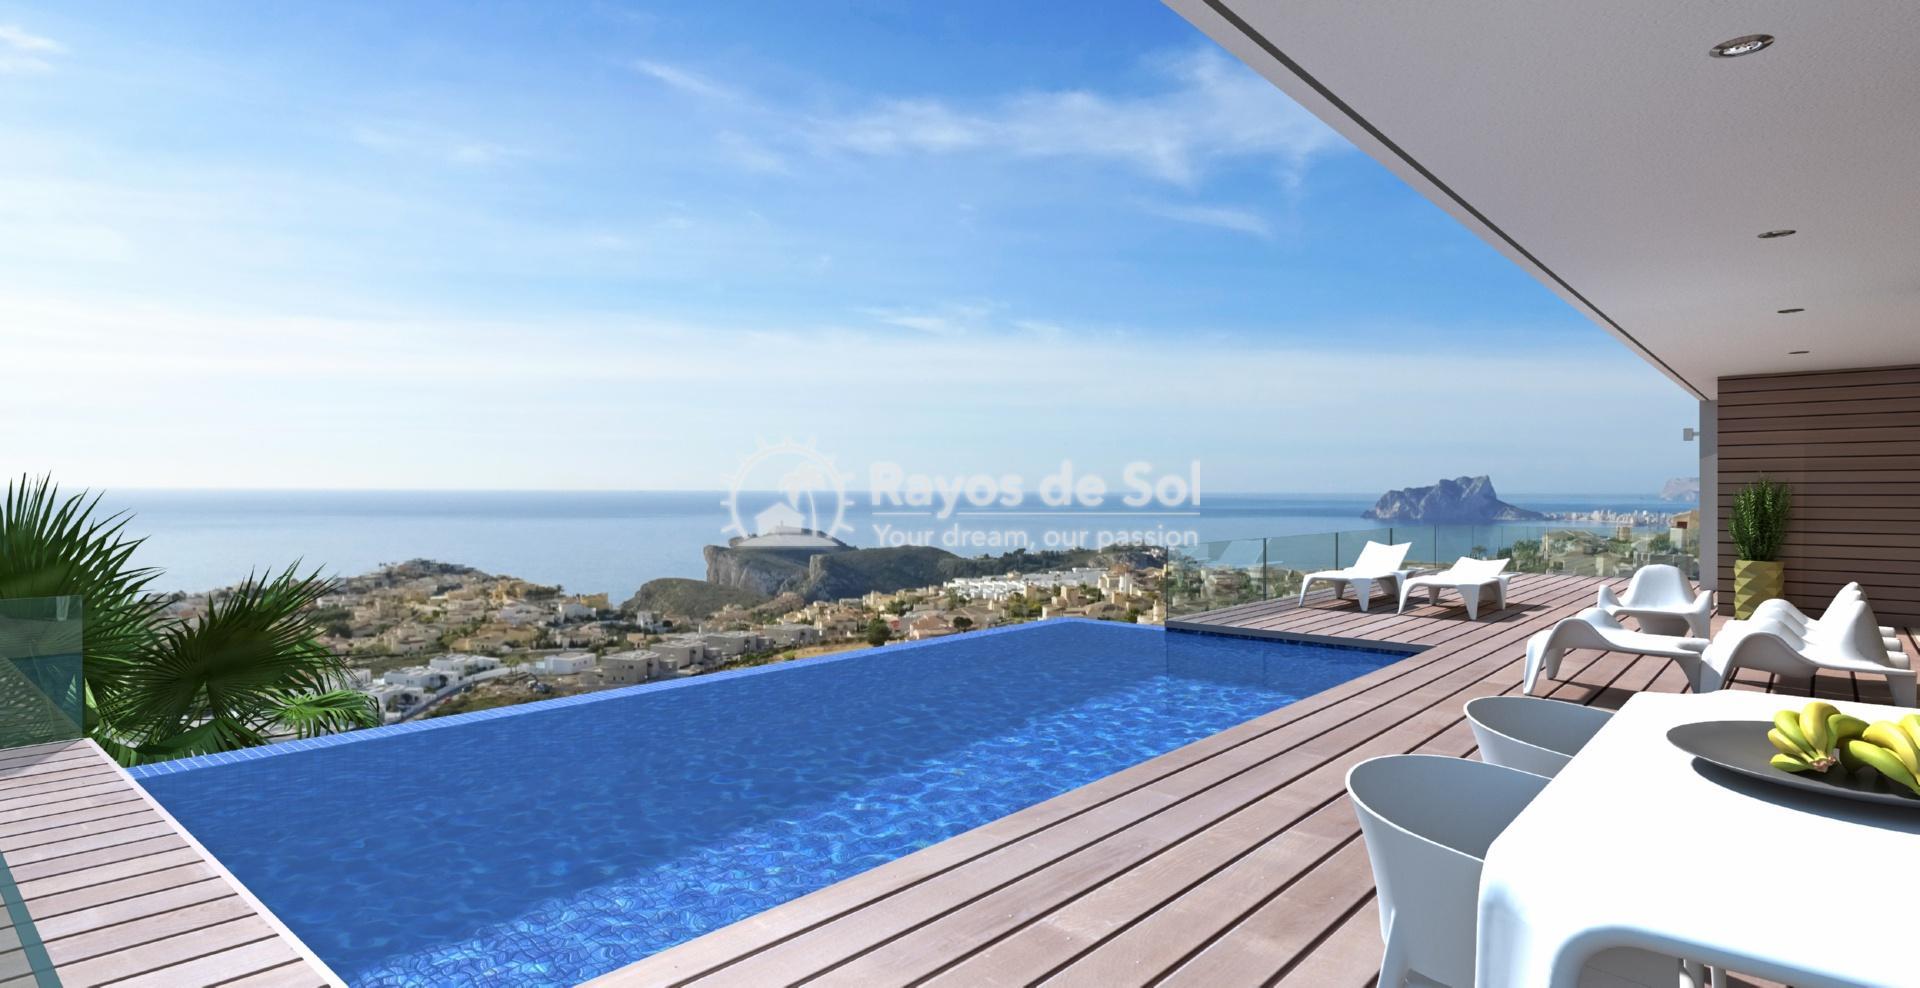 Villa with seaviews in Cumbre del Sol, Benitachell, Costa Blanca (BEVAJABA) - 5